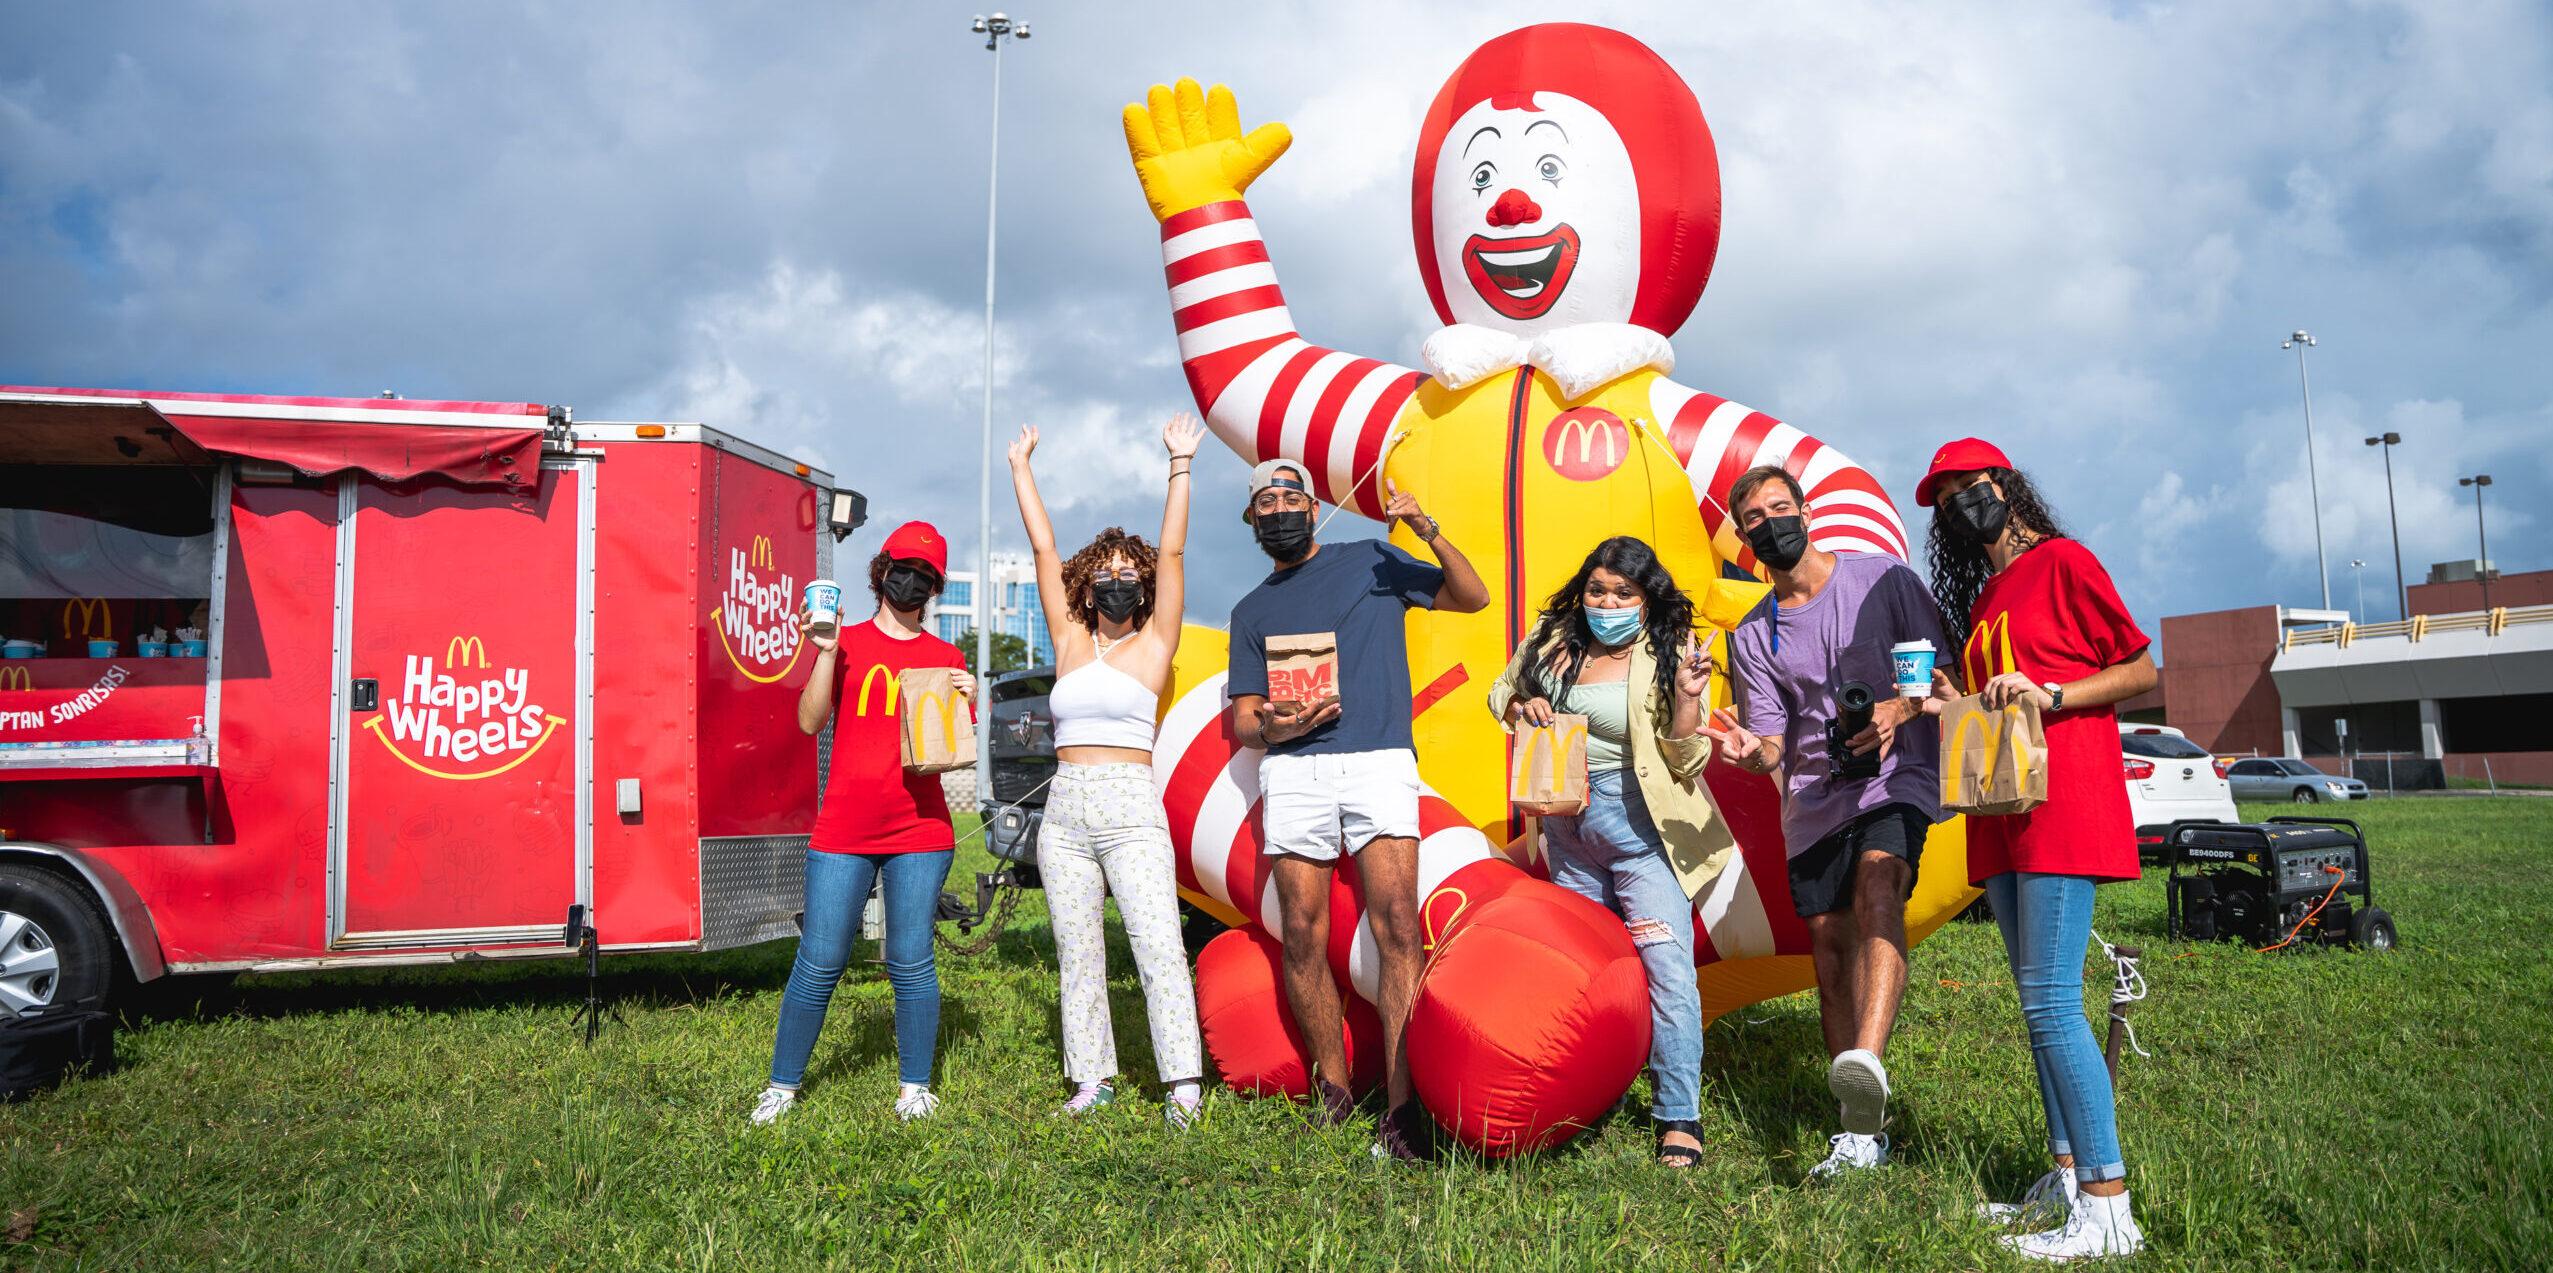 [Puerto Rico] McDonald's duplica el sabor de sus clásicos McGriddle® con el nuevo          McGriddle® Doble